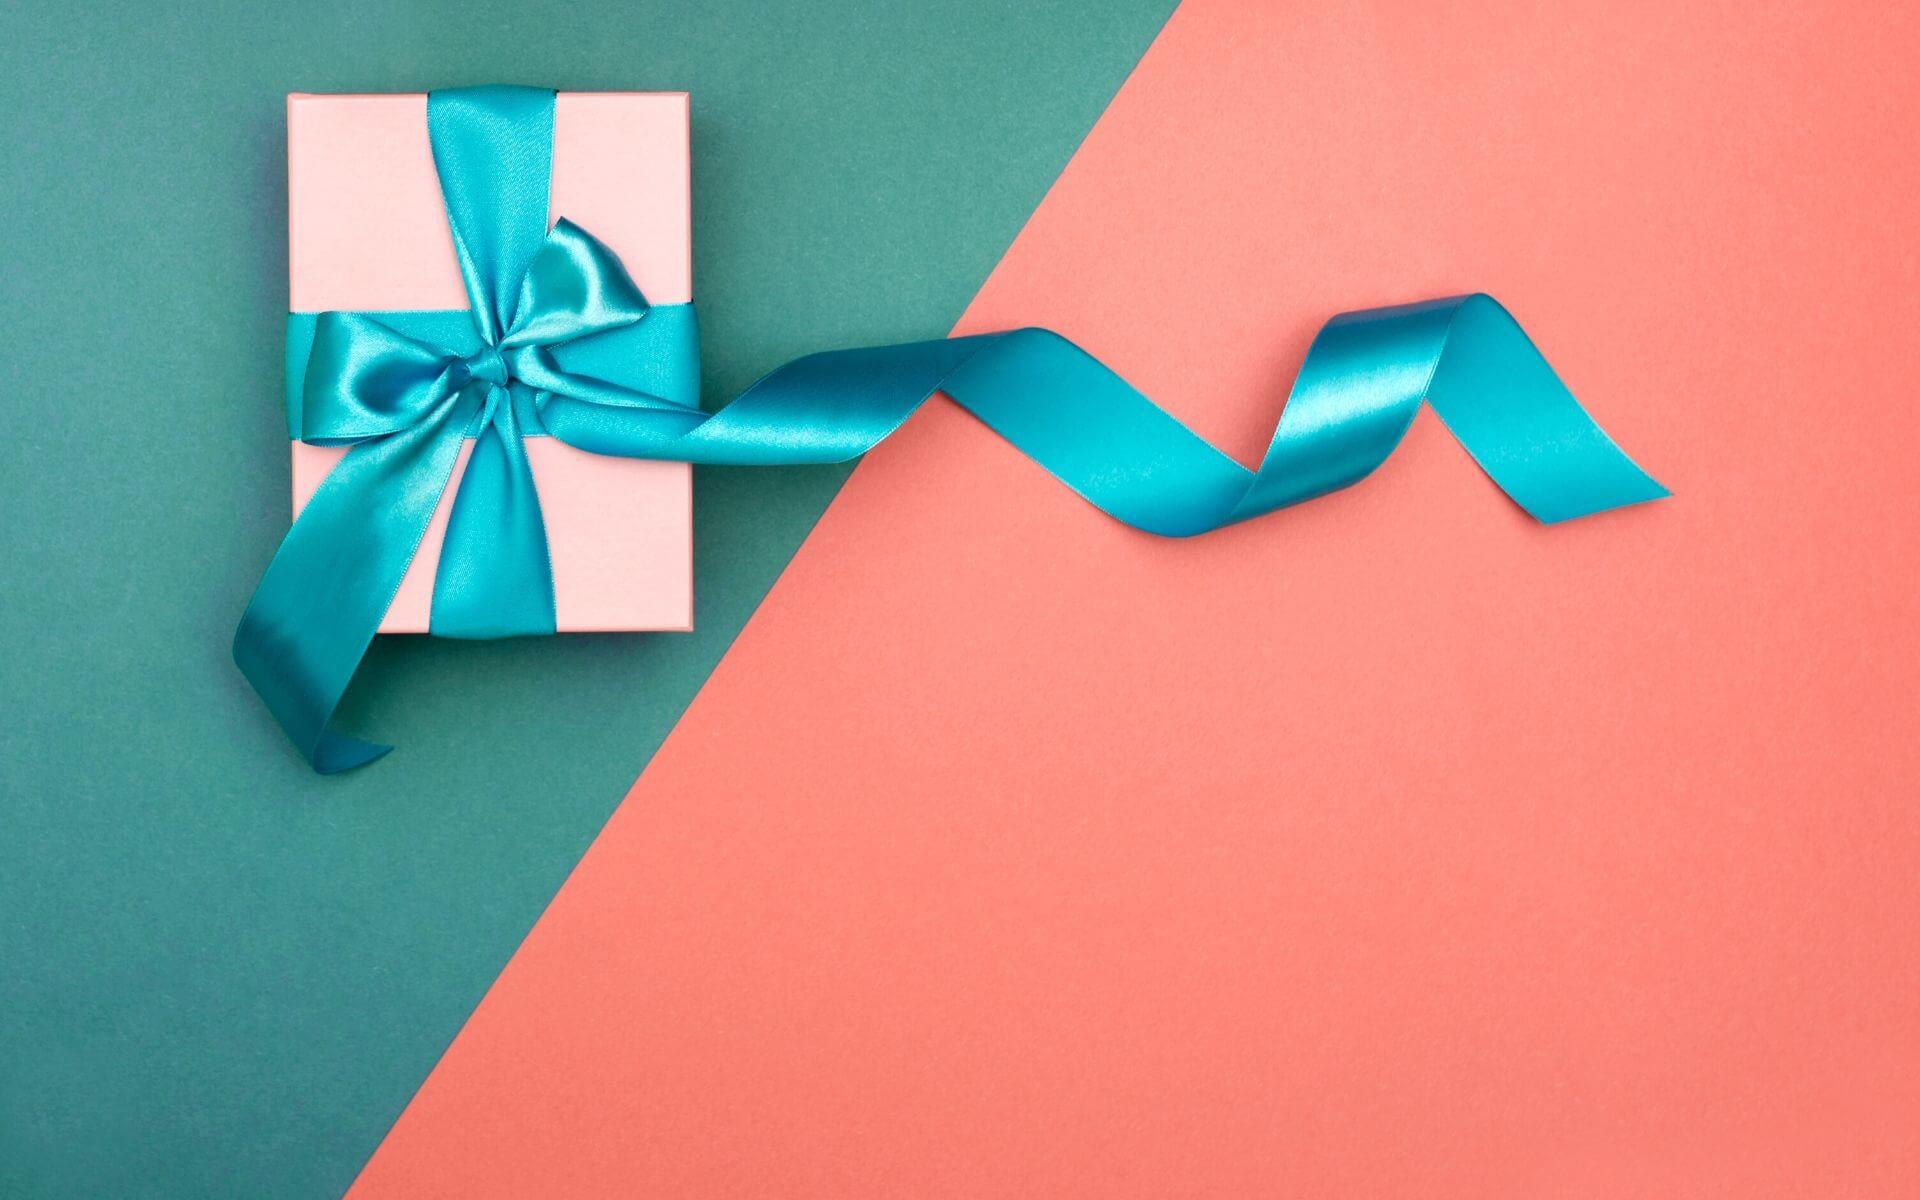 Die besten Geschenke für Mädchen zu jedem Anlass